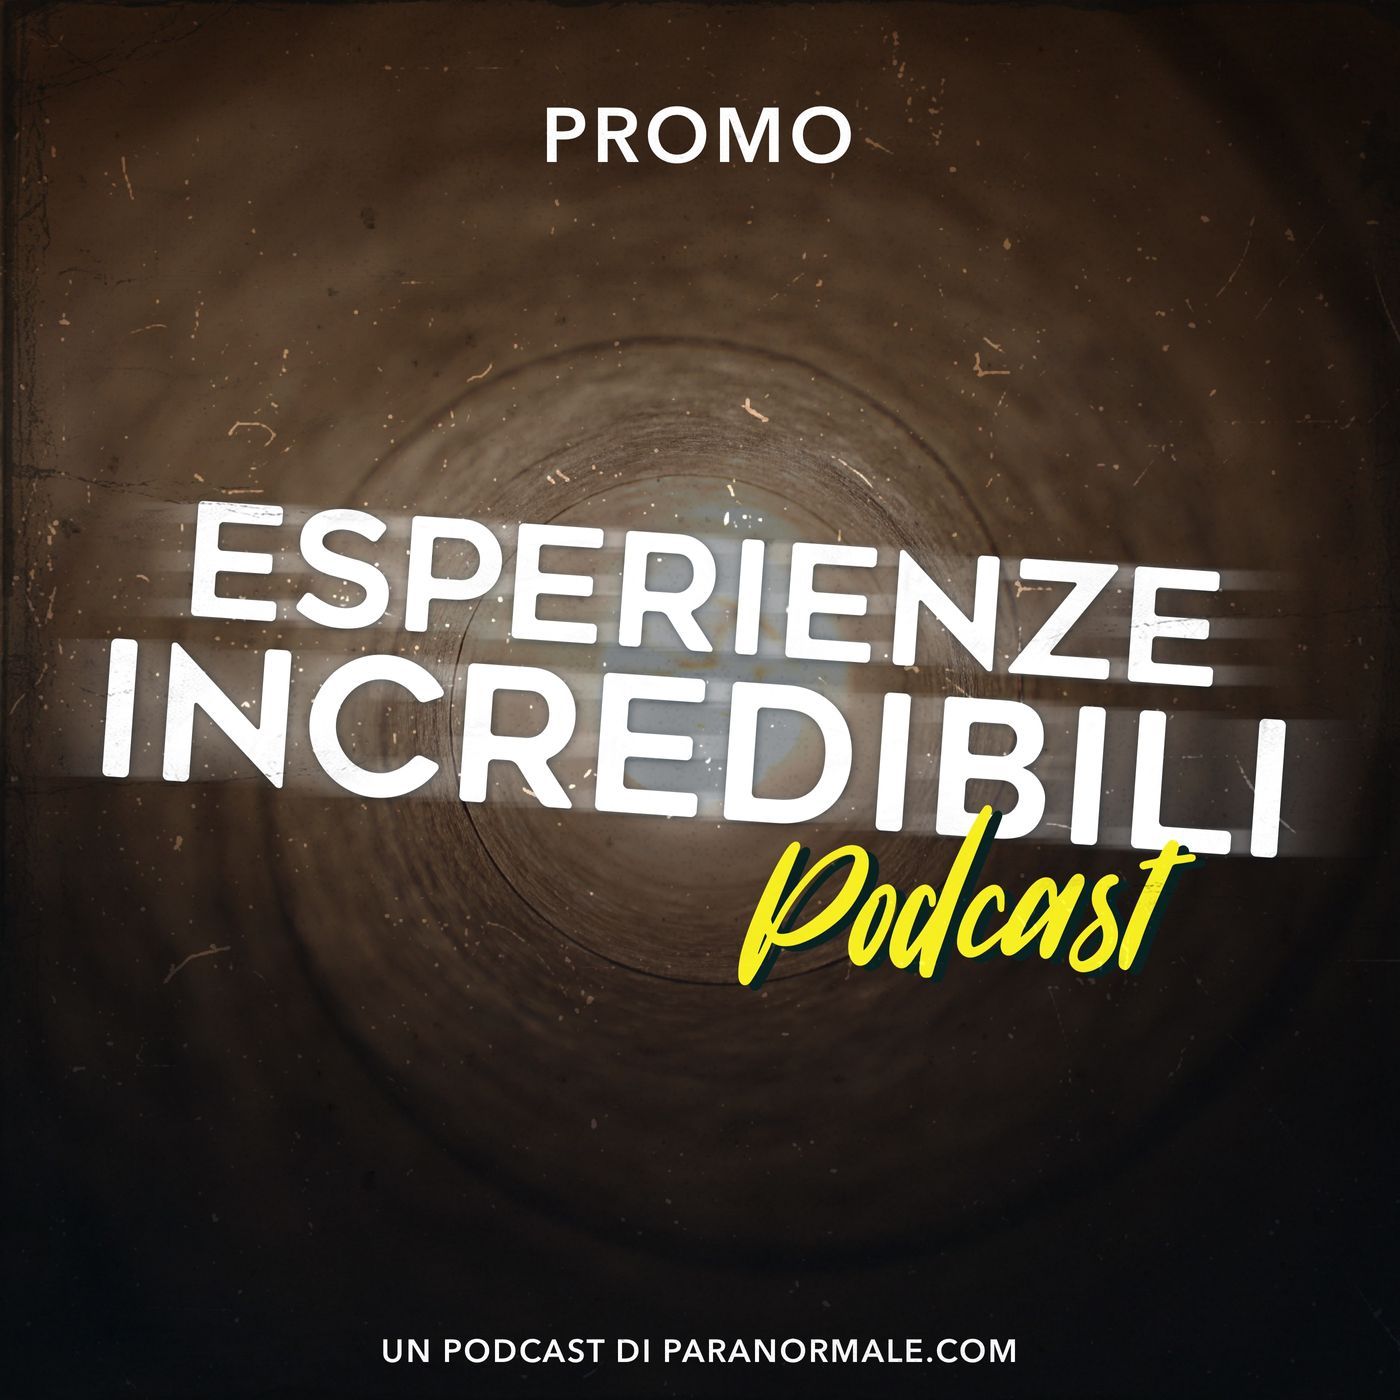 Esperienze incredibili Podcast